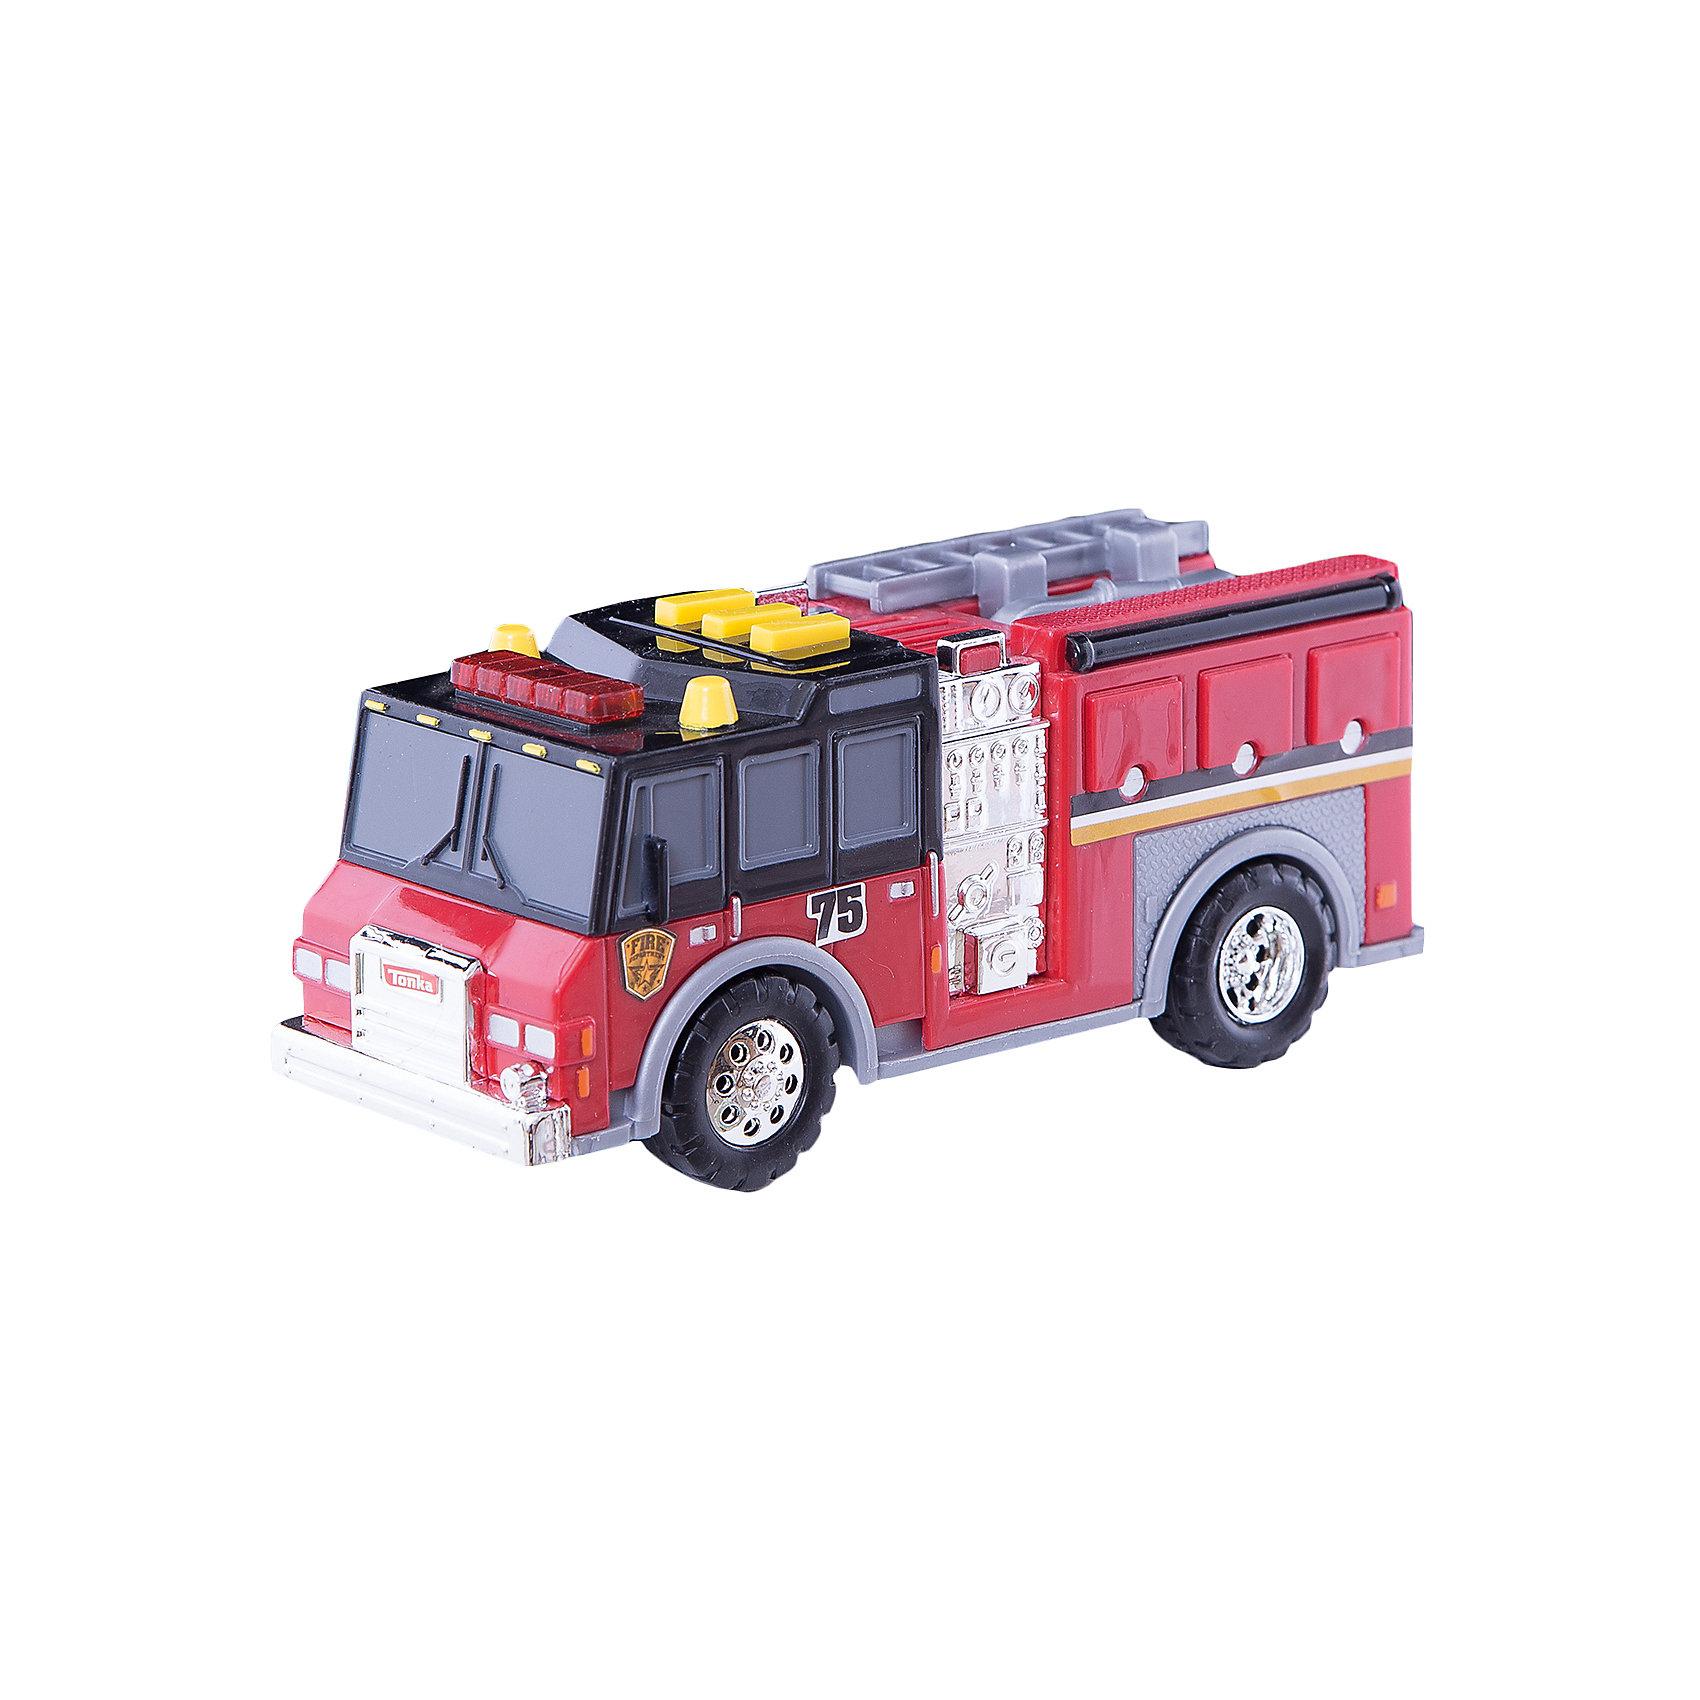 Пожарная машинка Minis, со светом и звуком, TonkaМашинки<br>Пожарная машинка Minis, со светом и звуком, Tonka<br><br>В набор входит:<br><br>-машинка<br>-две батарейки типа ААА<br><br>Характеристики:<br><br>-Возраст: от 3 лет<br>-Для мальчиков<br>-Размер машинки:16,5 х 5,5 х 7 см<br>-Материал: пластик<br>-Марка: Tonka(Тонка)<br><br>Пожарная машинка Tonka Minis имеет очень яркий и интересный дизайн. Ее корпус выполнен в красном, сером и черном цветах, также присутствуют серебристые вставки. На автомобиле очень реалистично прорисованы дверцы и окна. Колеса машинки имеют блестящие серебристые диски. На крыше кабины имеются три желтые кнопки, а также красный проблесковый маячок. Нажав на любую из кнопок, машинка начнет издавать звуки сирены, а также замигают красные лампочки. <br><br>Пожарная машинка Minis, со светом и звуком, Tonka можно приобрести в нашем интернет-магазине.<br><br>Ширина мм: 89<br>Глубина мм: 178<br>Высота мм: 127<br>Вес г: 190<br>Возраст от месяцев: 36<br>Возраст до месяцев: 120<br>Пол: Мужской<br>Возраст: Детский<br>SKU: 5115727